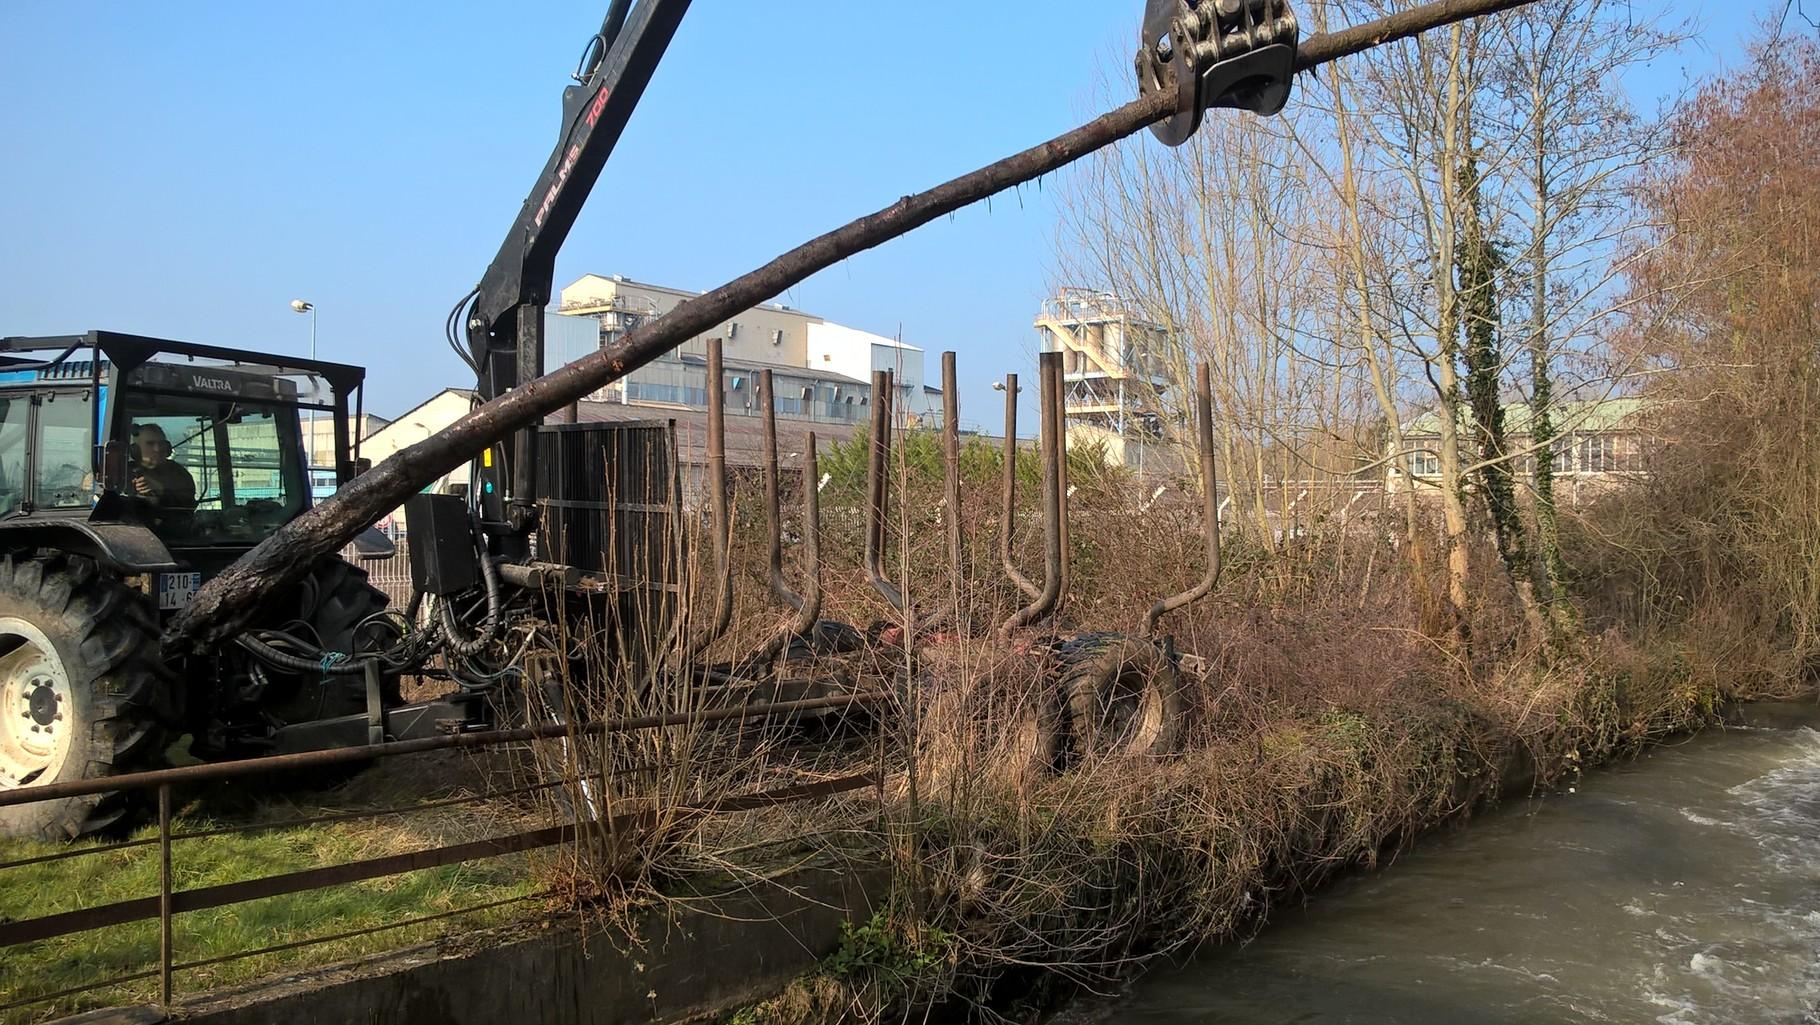 enlevement de l'arbre coincé dans le vannage de l'usine de Villers Saint Sepulccre